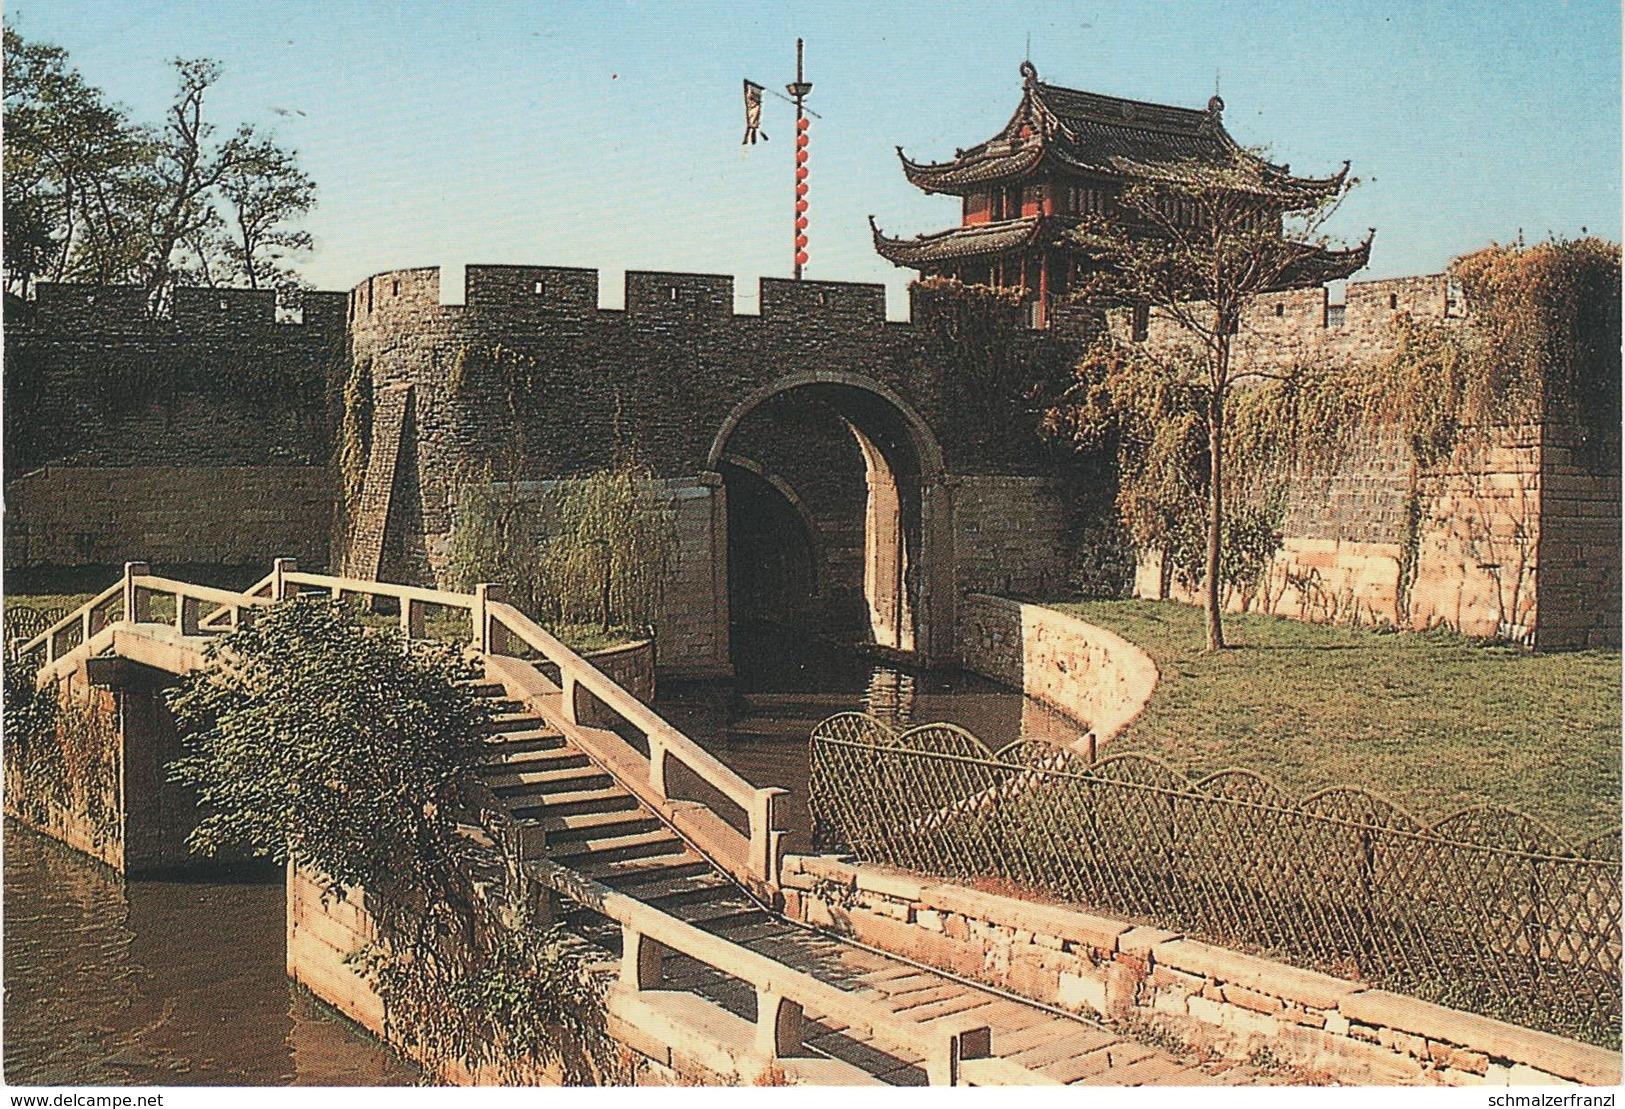 AK Ancient Panmen Gate Tower Pan Tor 盤門 盘门 Suzhou Jiangsu 蘇州市 苏州市 China Chine 中华人民共和国 中國 中国 Asia Asie Asien - Cina